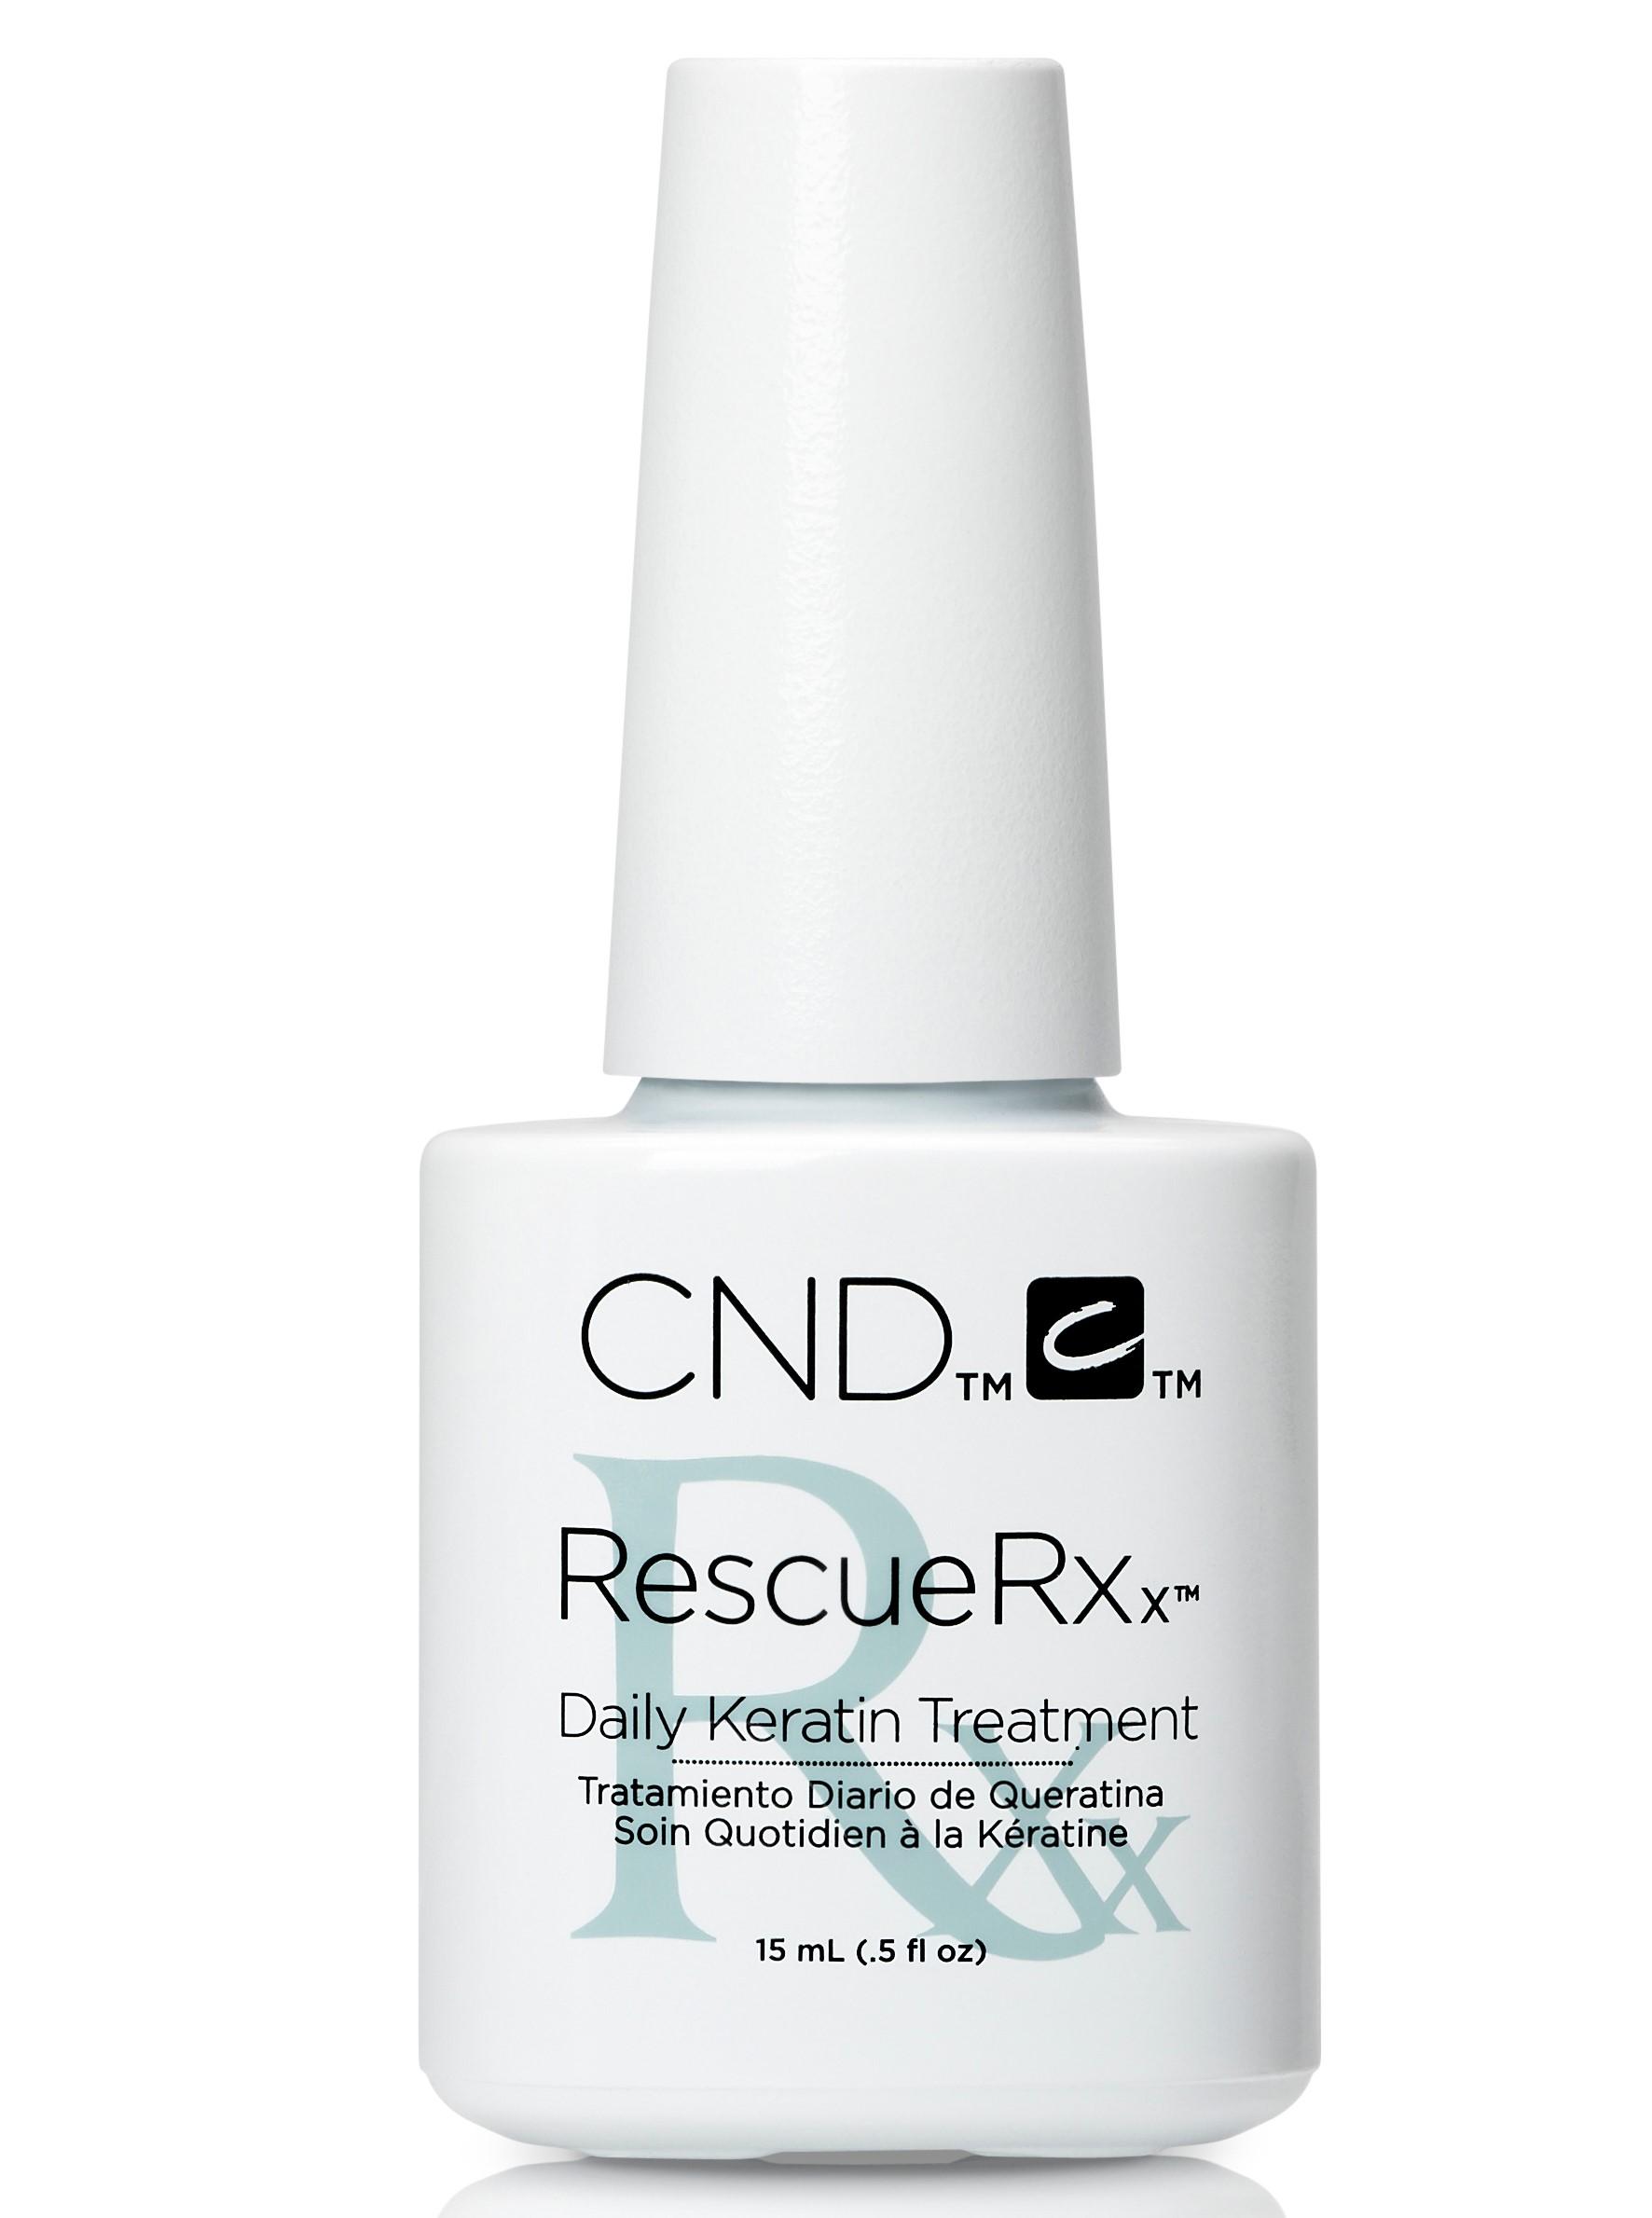 CND Средство для укрепления ногтей (кератин) / RescueRXx™ 15 мл -  Лечебные средства